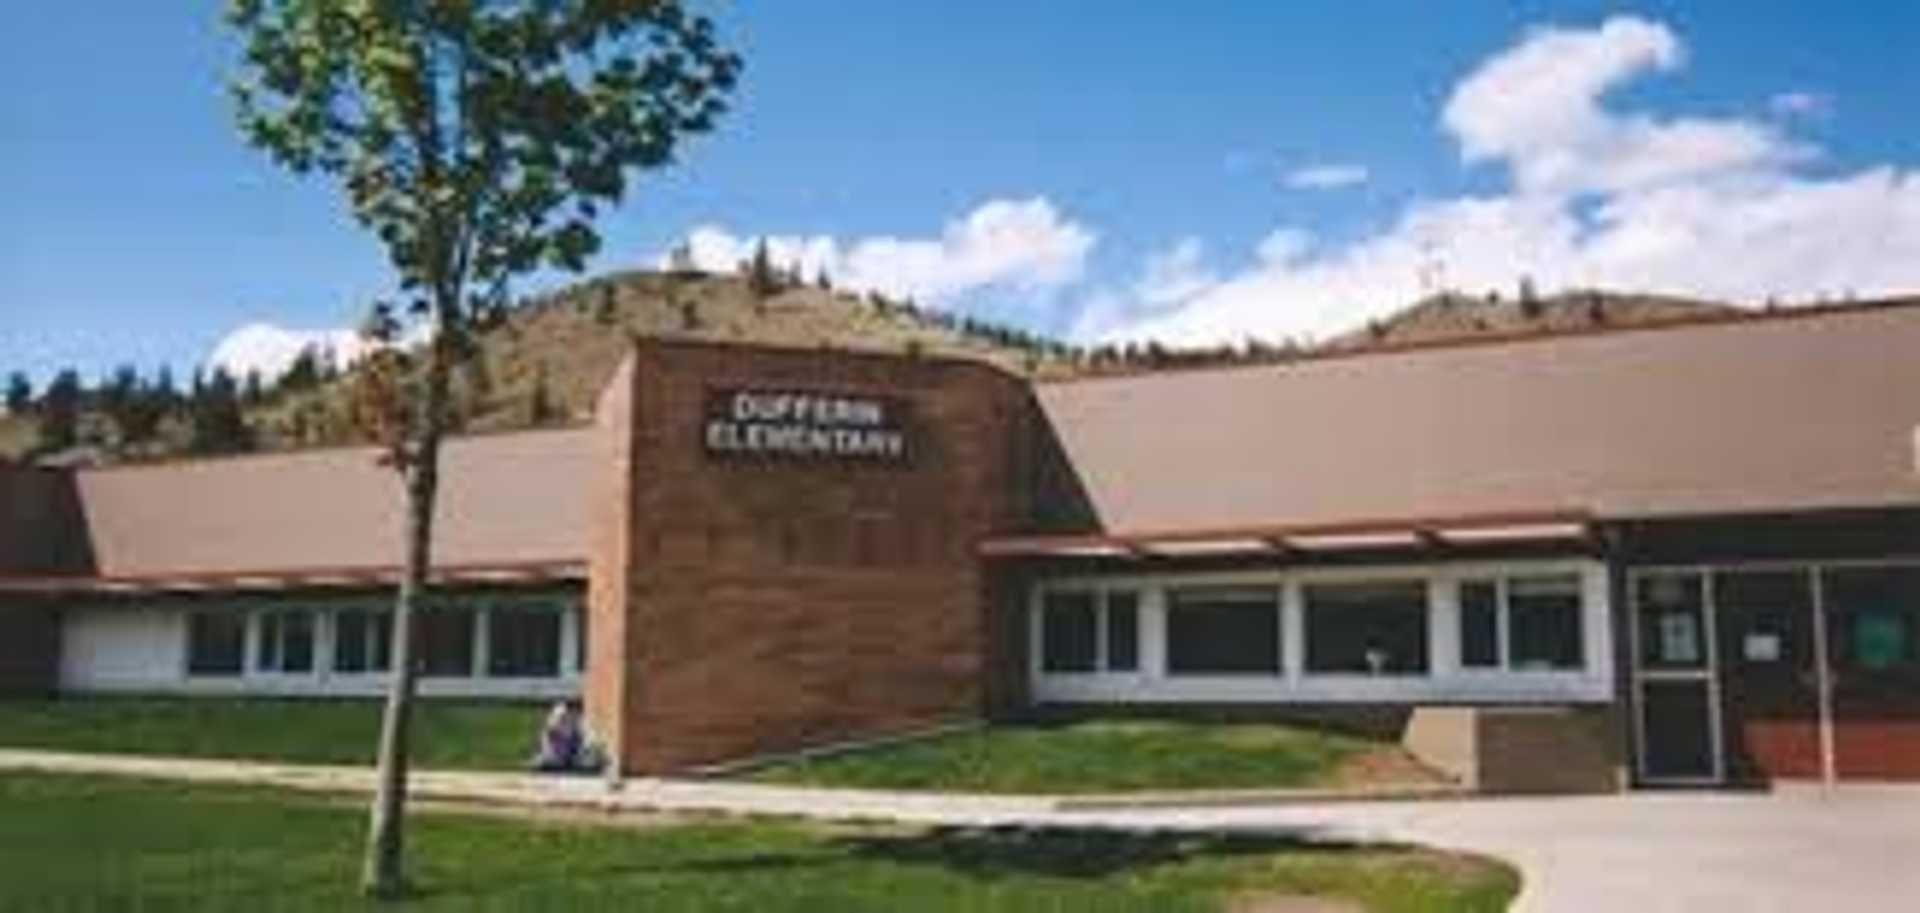 school in kamloops